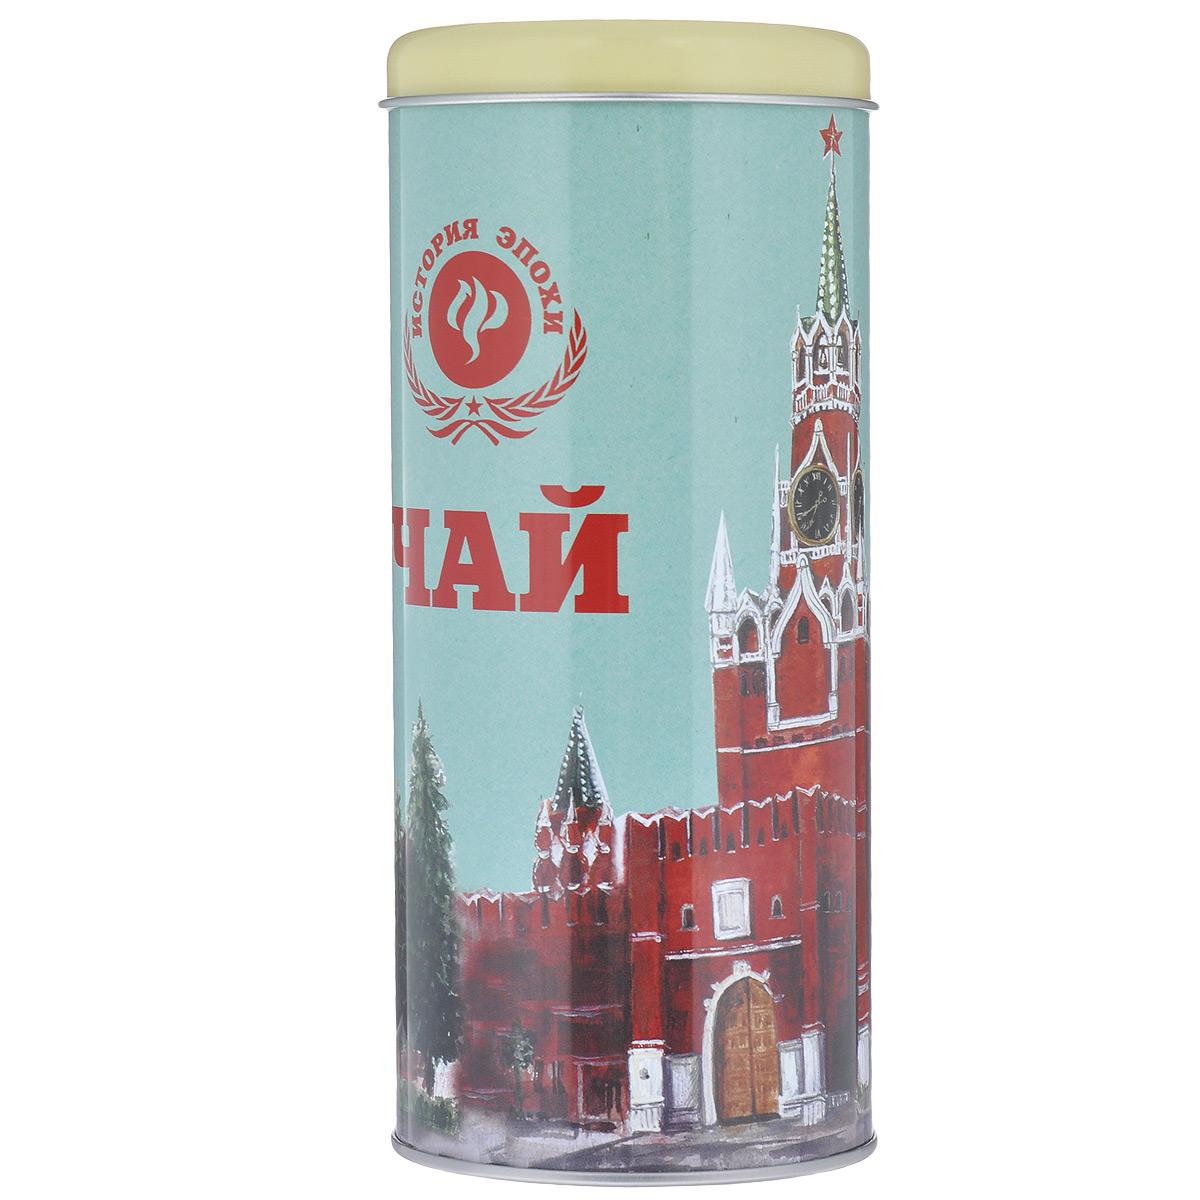 Банка для сыпучих продуктов Кремлевский чай, 750 мл37622кремл.чайБанка для сыпучих продуктов Кремлевский чай изготовлена из металла и оснащена крышкой. Корпус банки оформлен рисунком с изображением кремля и надписью Чай. Изделие идеально подойдет для хранения чая, кофе, сахара или других сыпучих продуктов. Банка сохраняет продукты свежими и ароматными на длительное время. Функциональная и вместительная, такая банка станет незаменимым аксессуаром и стильно оформит интерьер кухни. Объем: 750 мл.